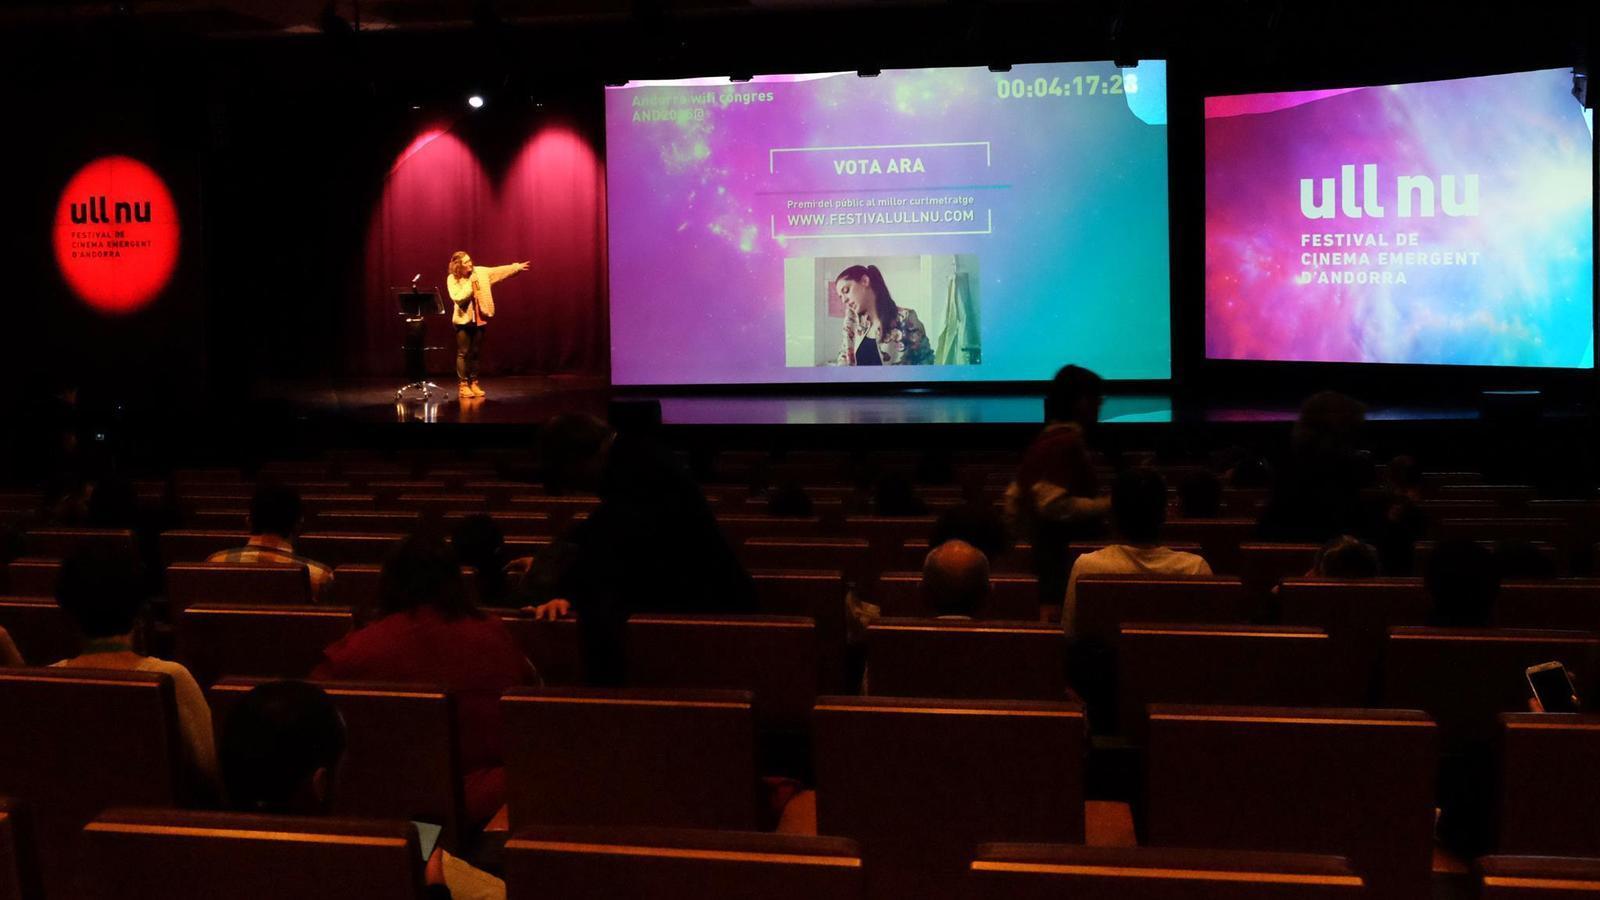 Retransmisió en directo de la gala d'entrega de premis del 6è Festival de cinema emergent d'Andorra, Ull Nu.